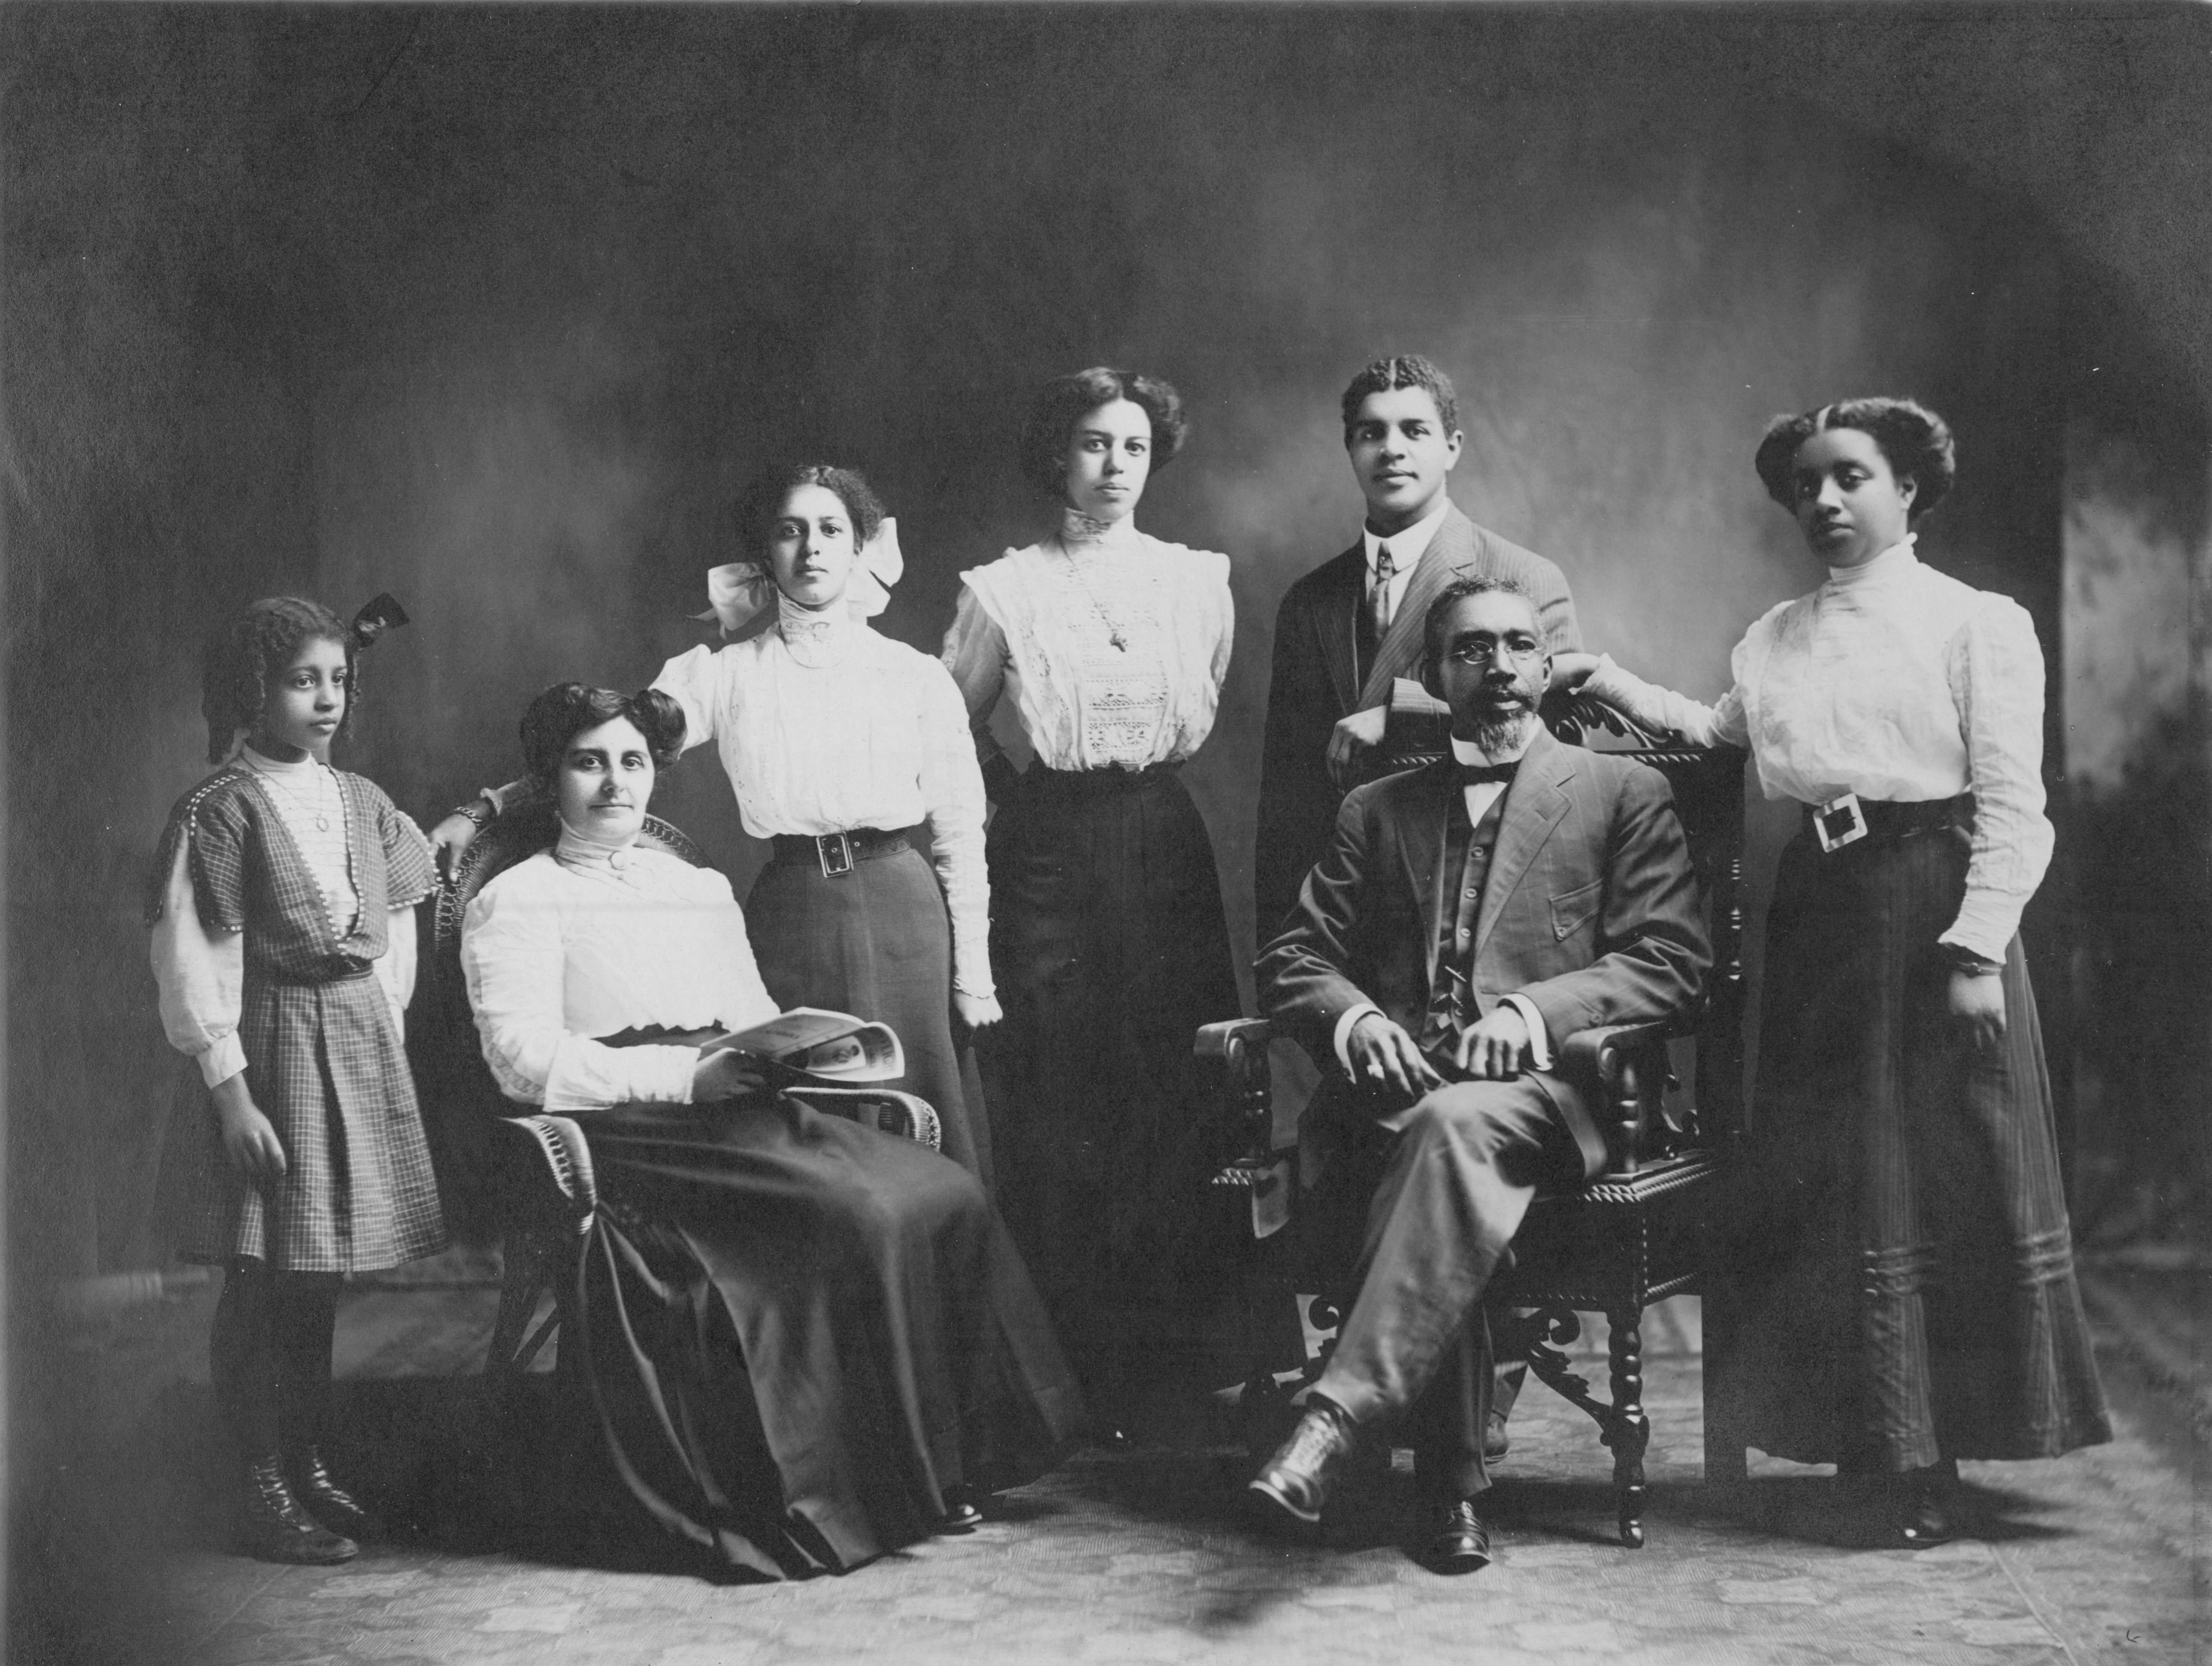 Portrait familial noir et blanc pris en studio montrant Mary Smith et John Freemont Smith assis, et cinq de leurs enfants debout autour d'eux.